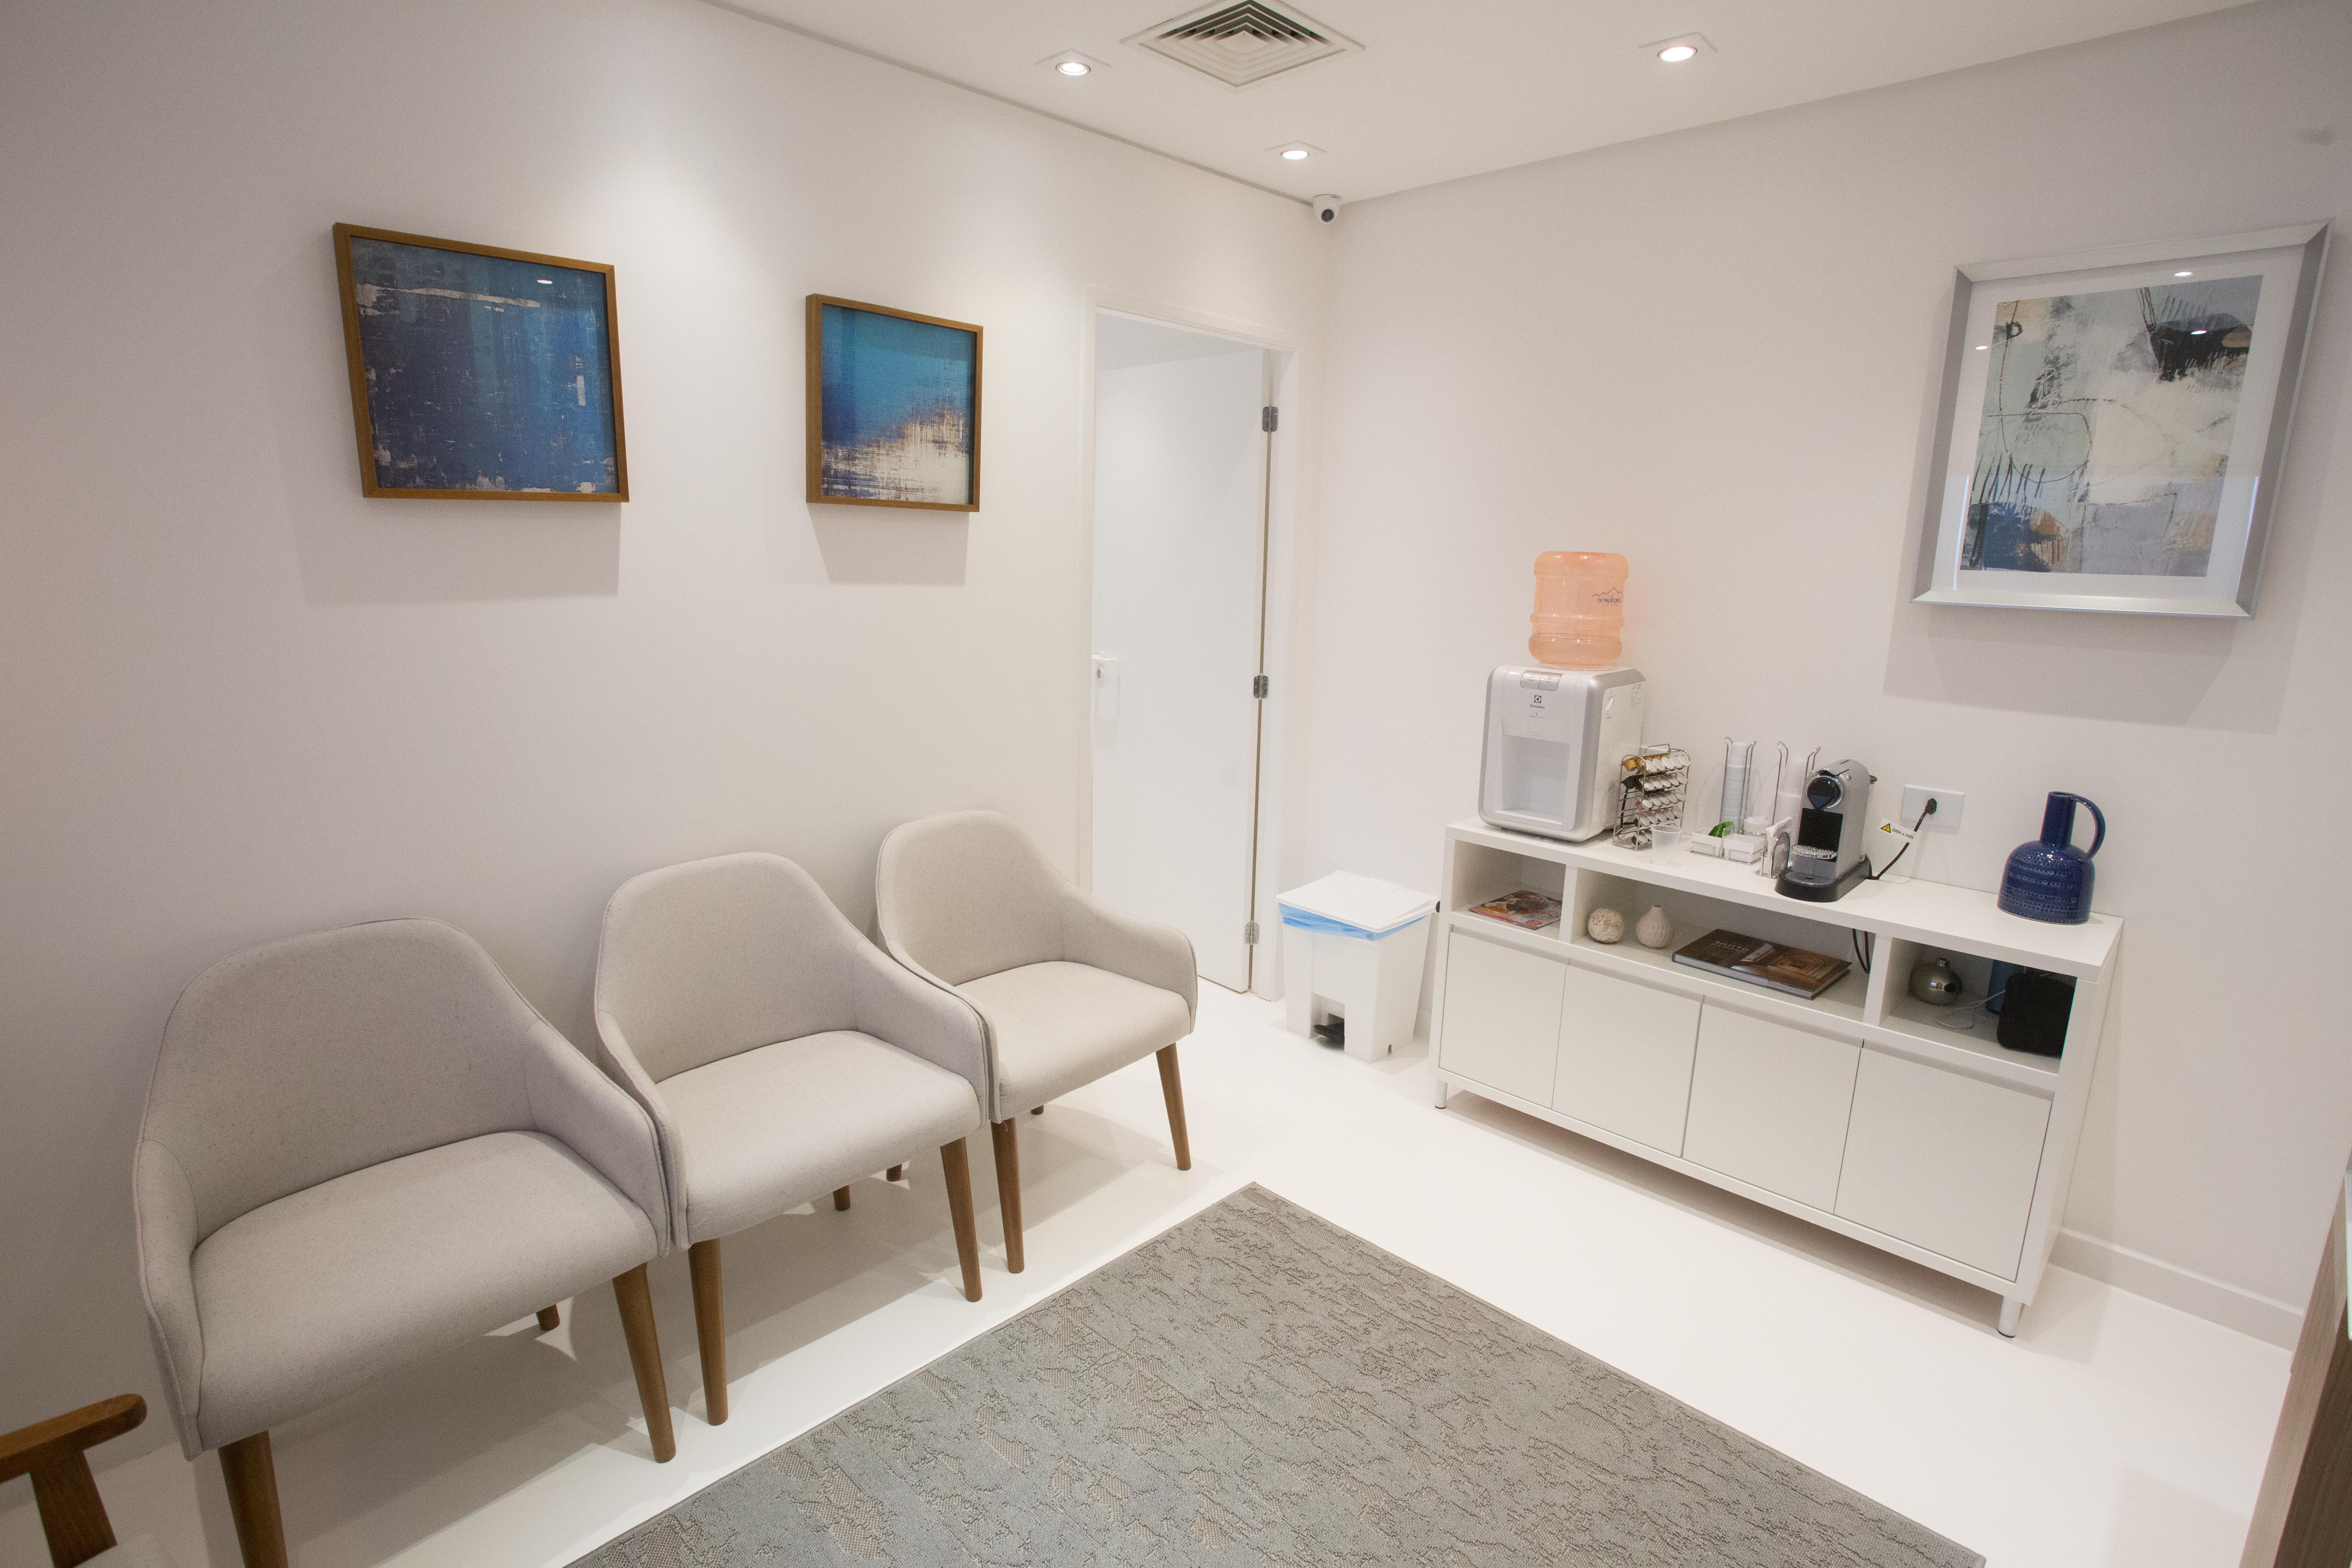 Fotos das instalações do Hernia Clinic